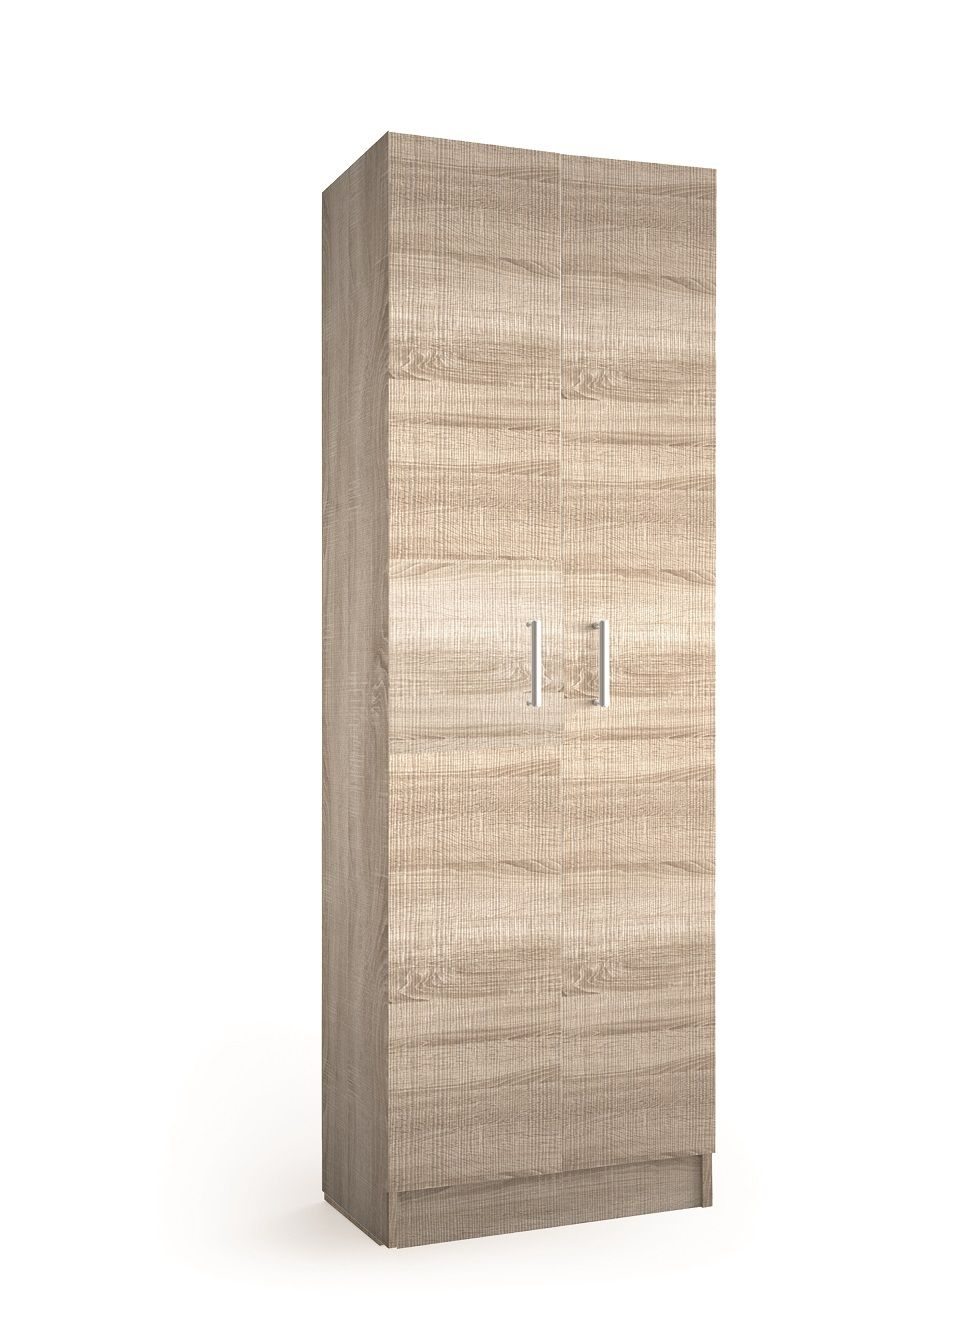 Muebles Auxi hoge opbergkast caledonia 180x60x37cm 2 deuren